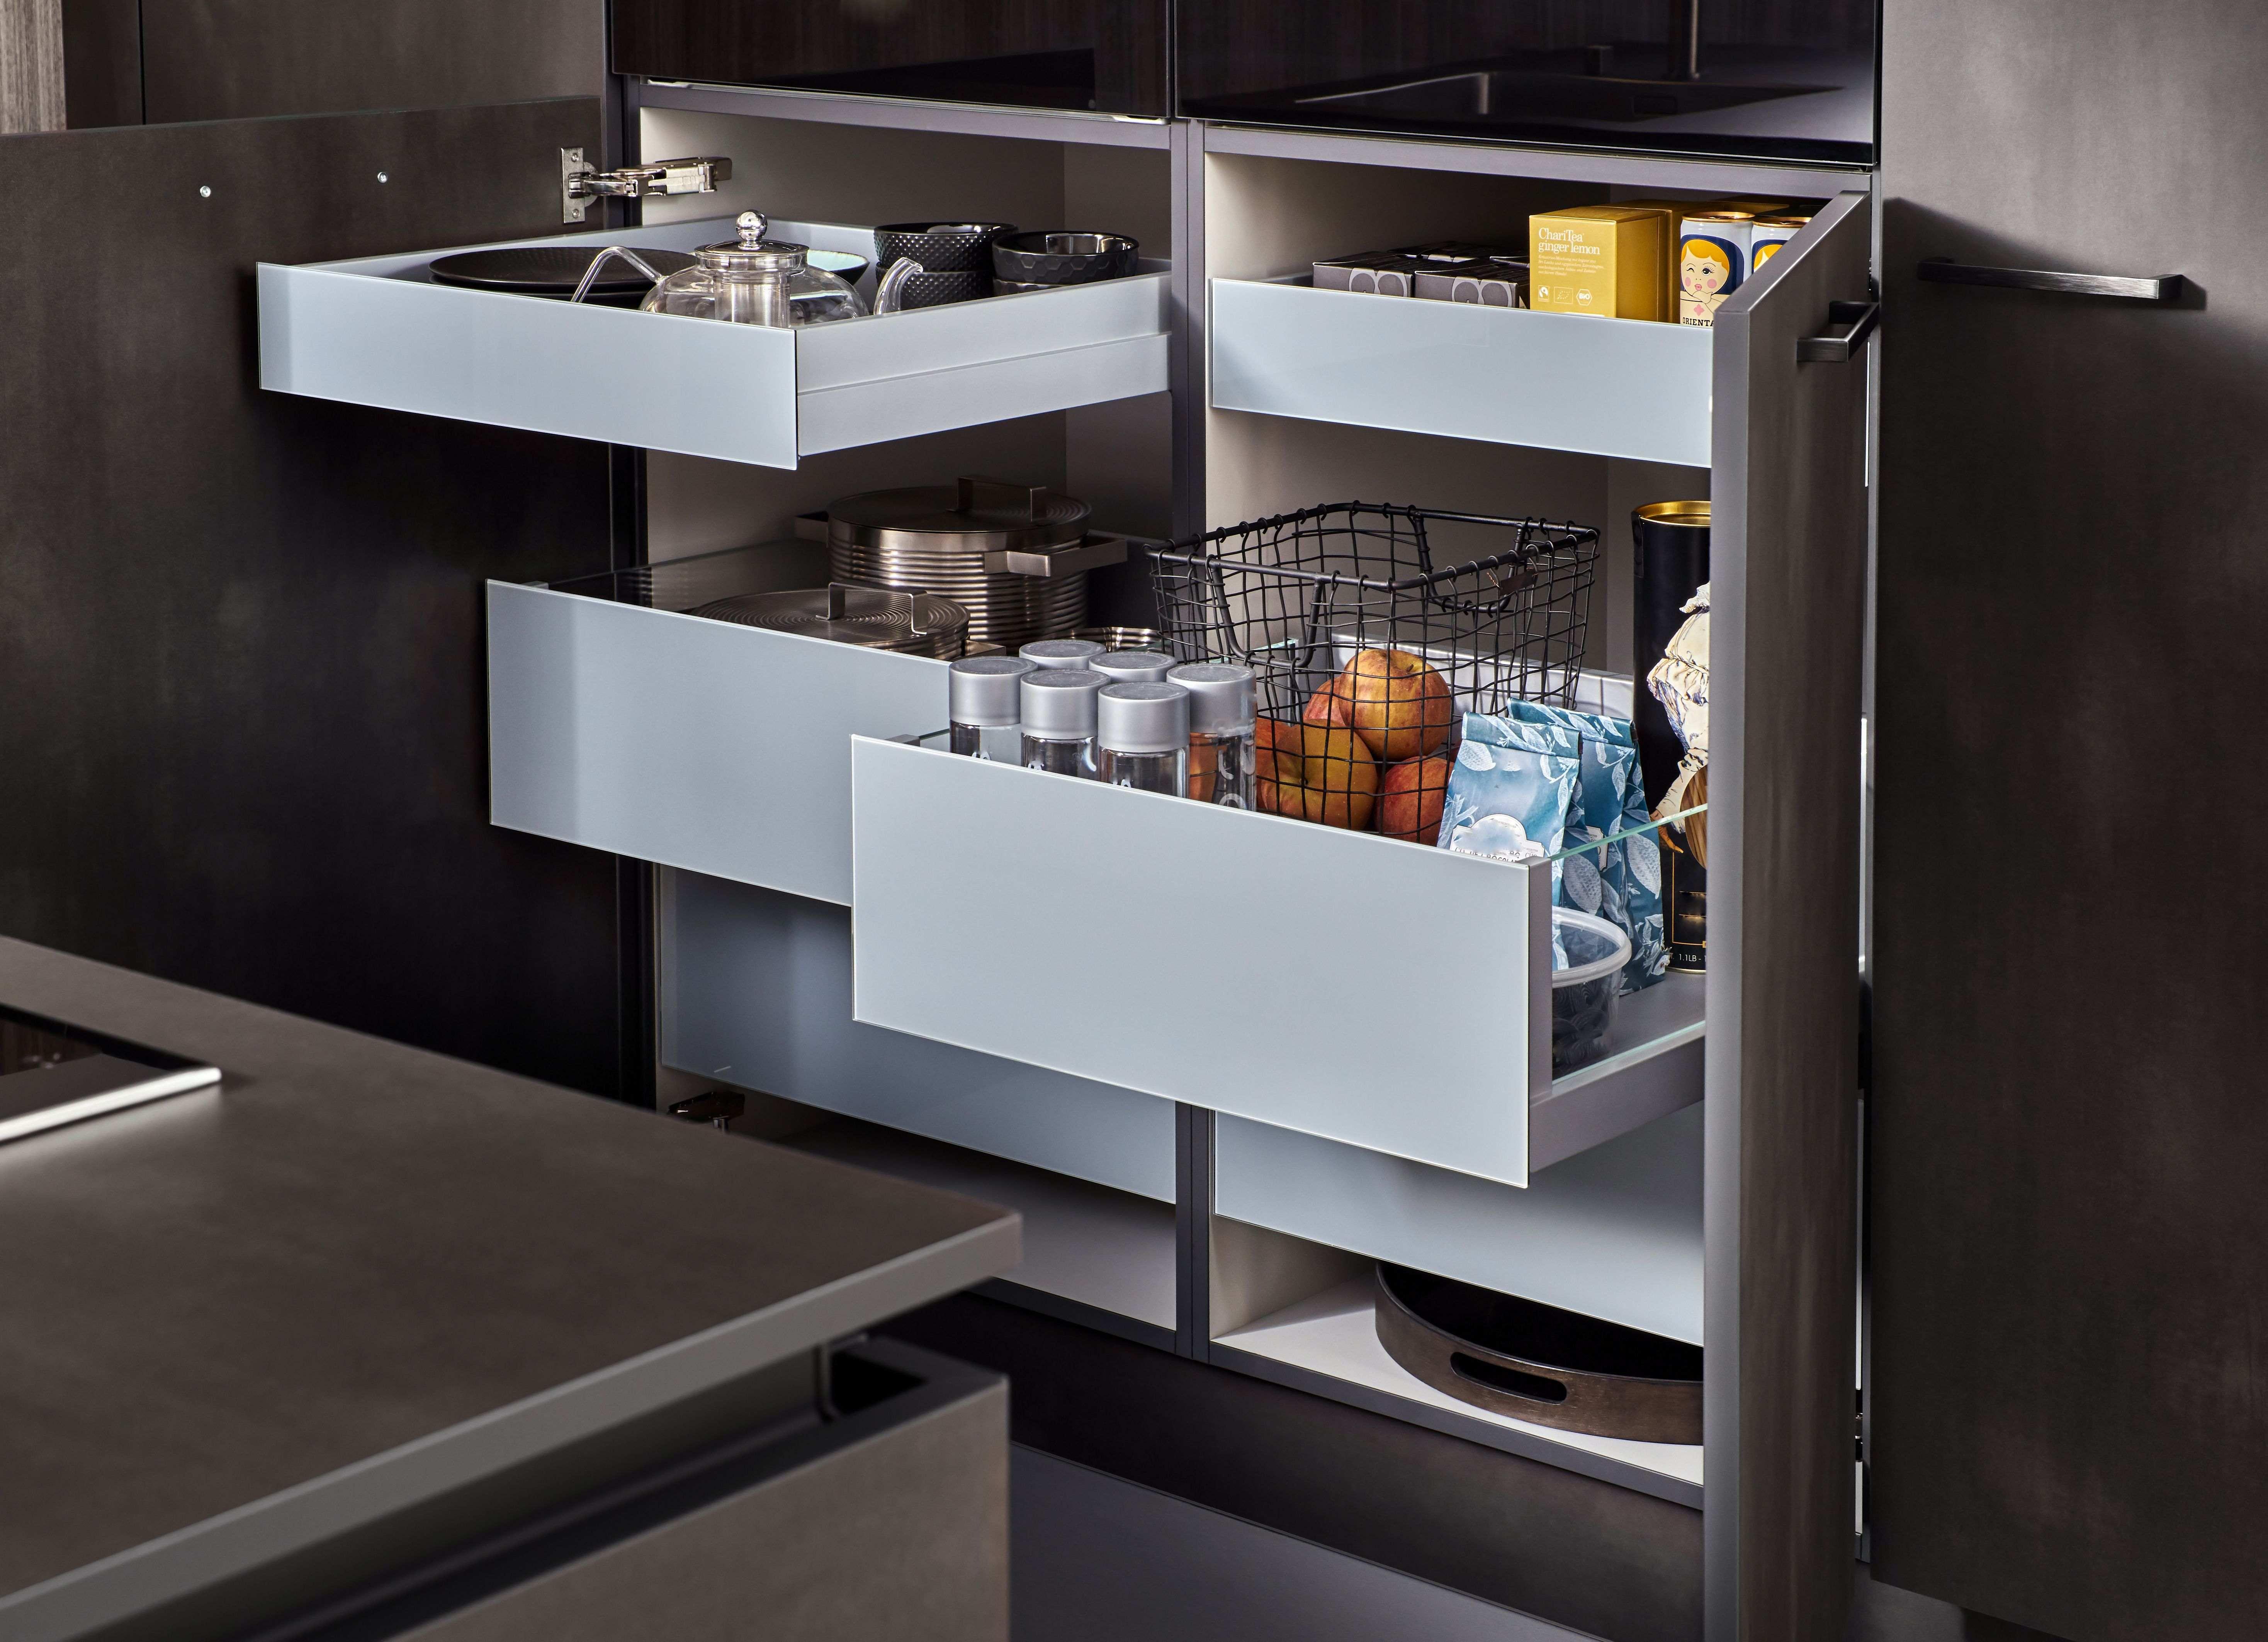 Comment aménager l'intérieur d'un meuble de cuisine